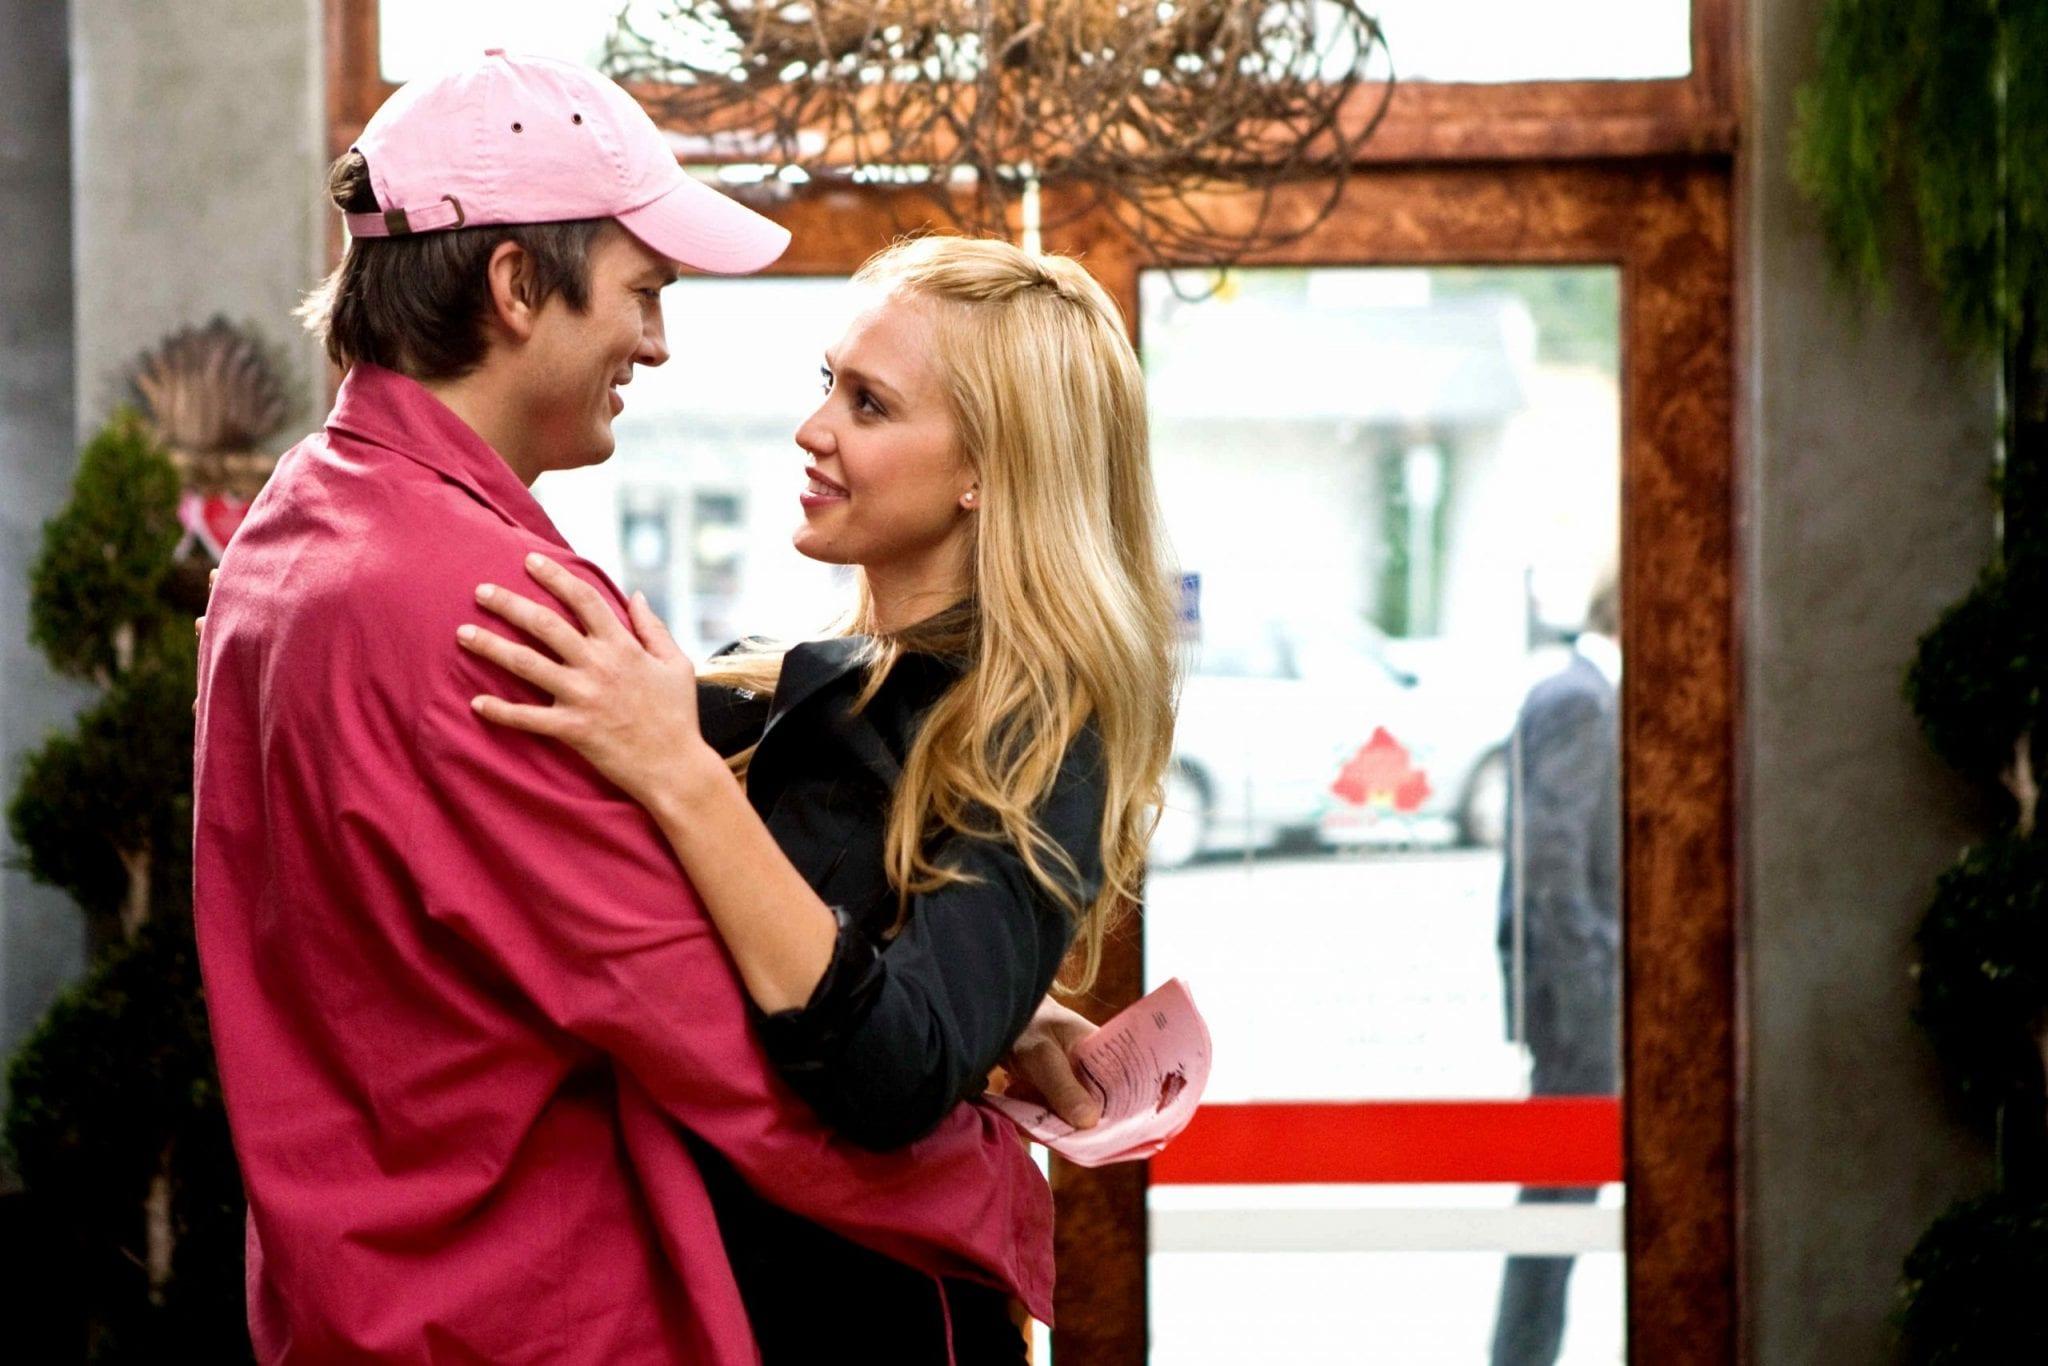 TuttalaTivu · GuidaTV 13 Luglio 2020: Parte la miniserie Il giovane Montalbano 2, tra Made in Sud, Appuntamento con l'amore, 47 Ronin e La figlia della sciamana